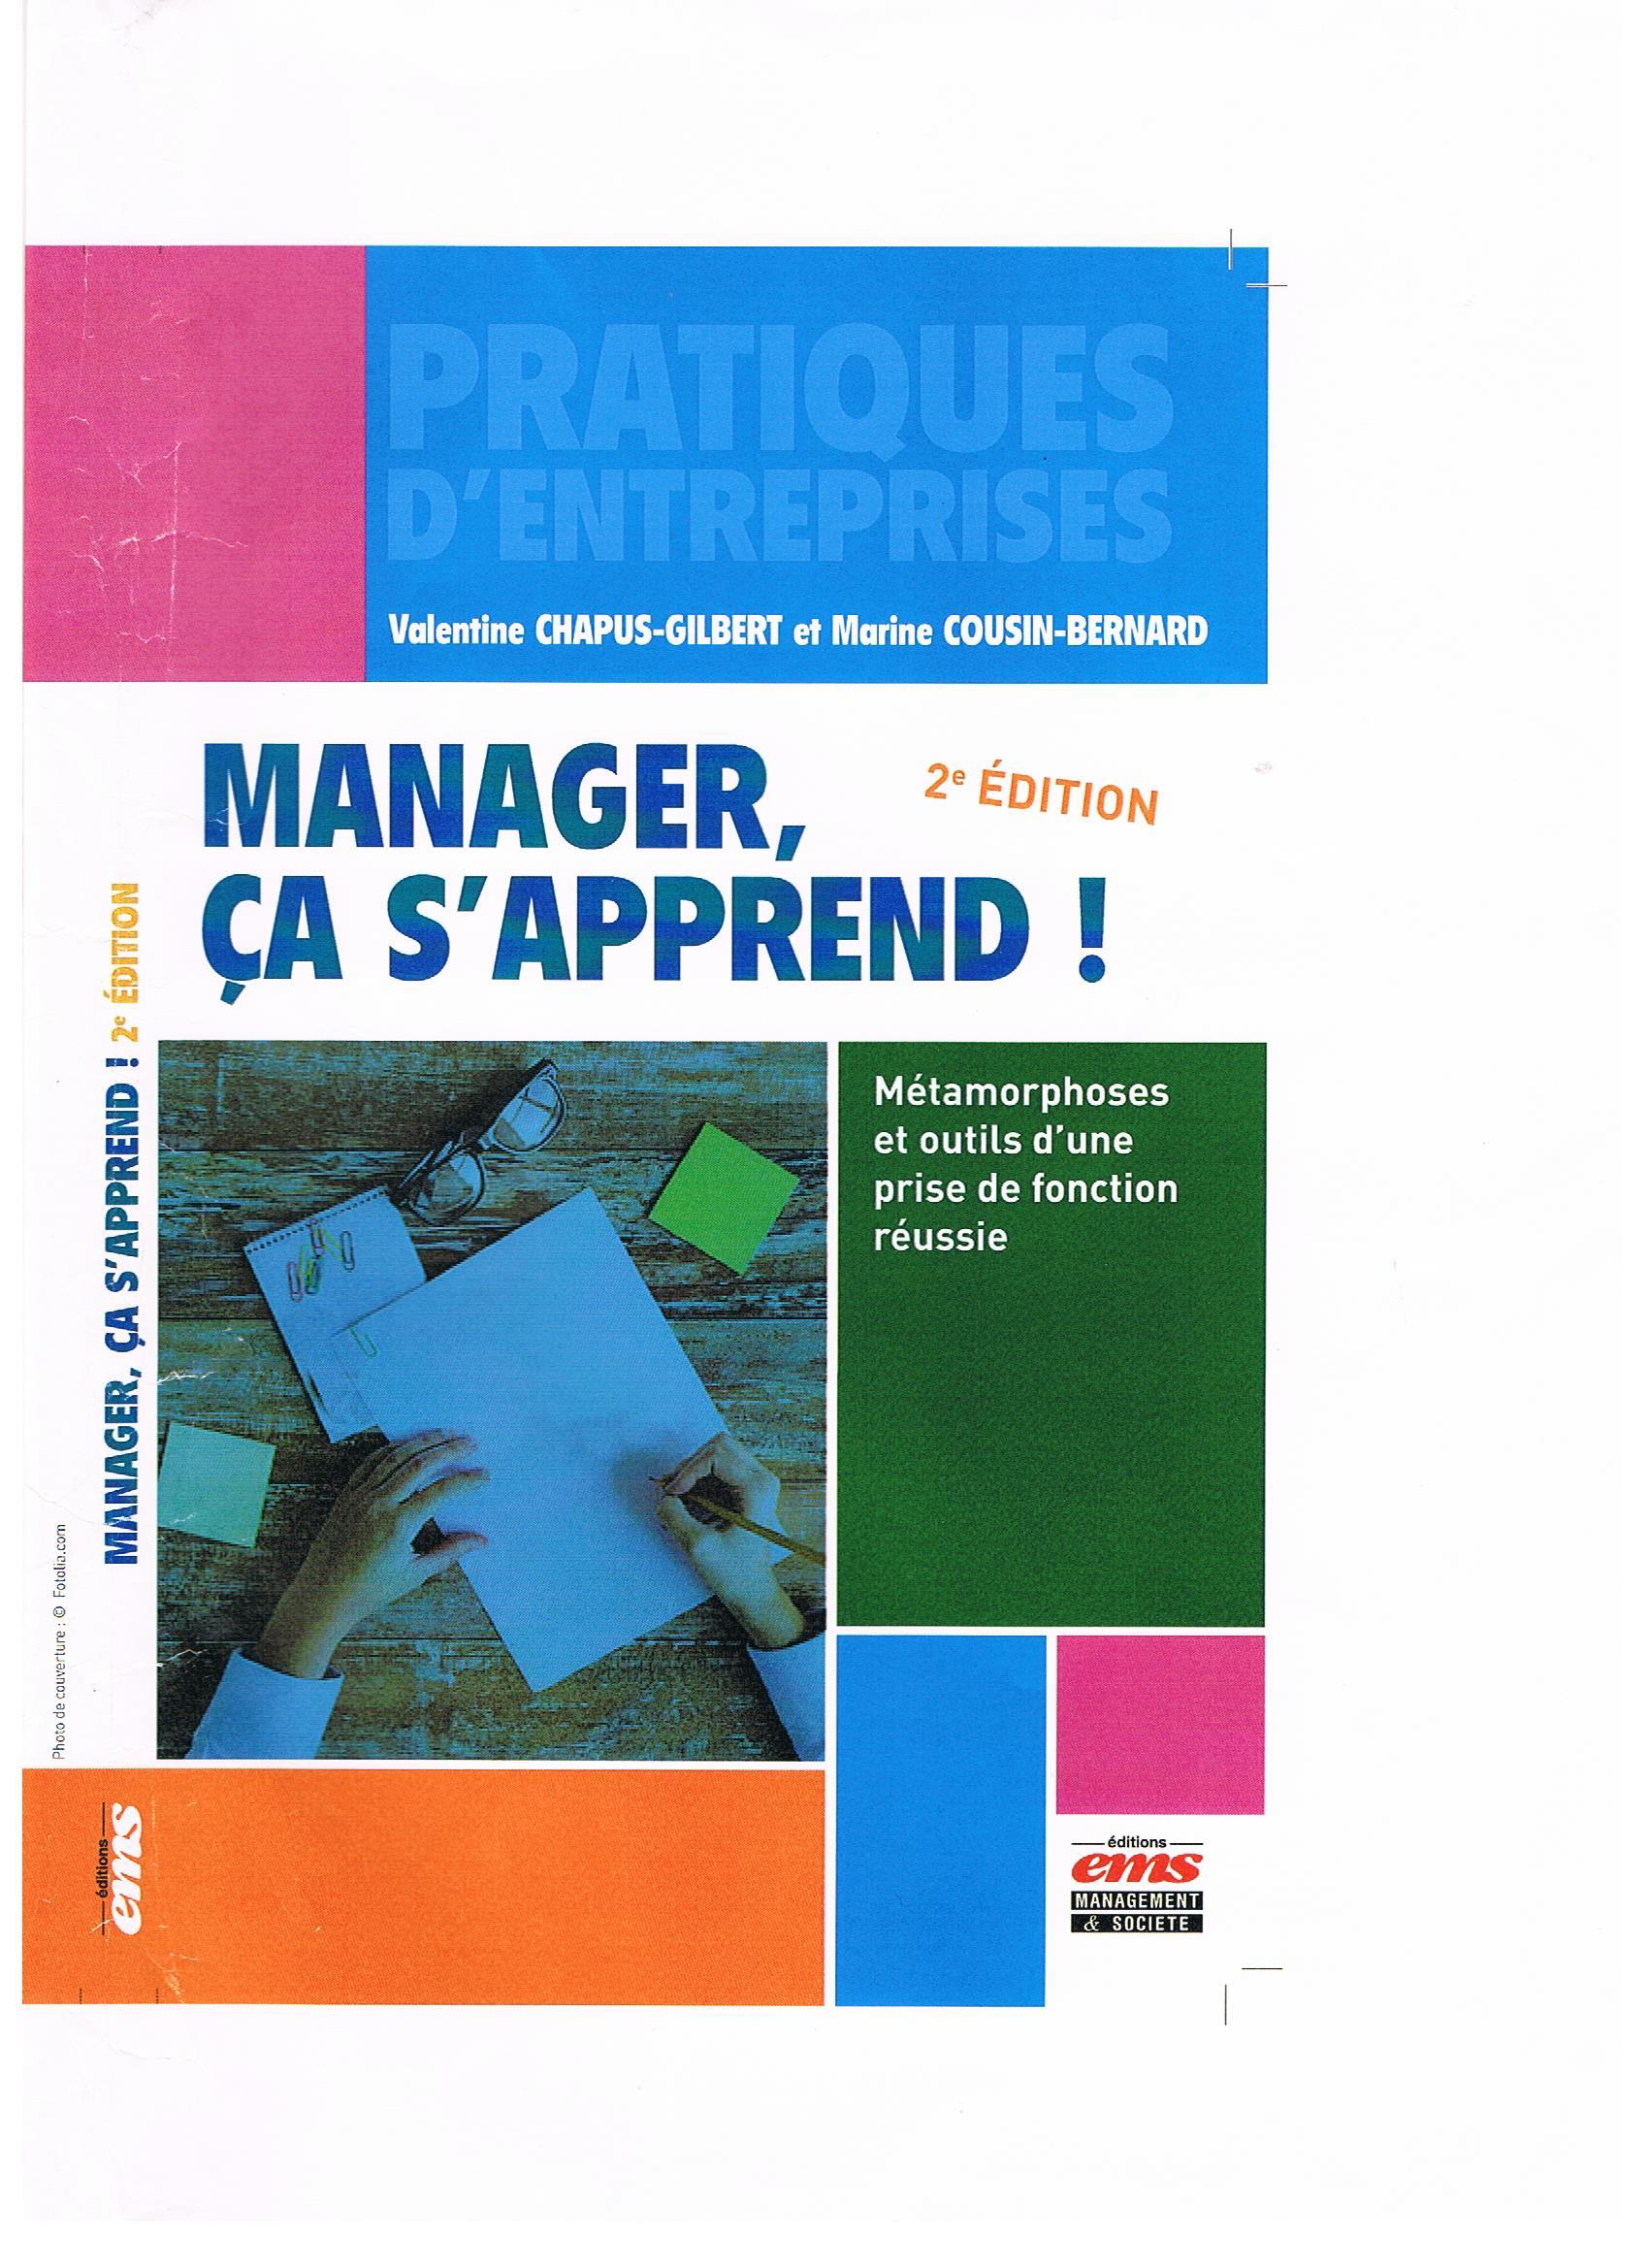 Manager ca s'apprend ! 2 eme edition 1ere de couverture 001.jpg